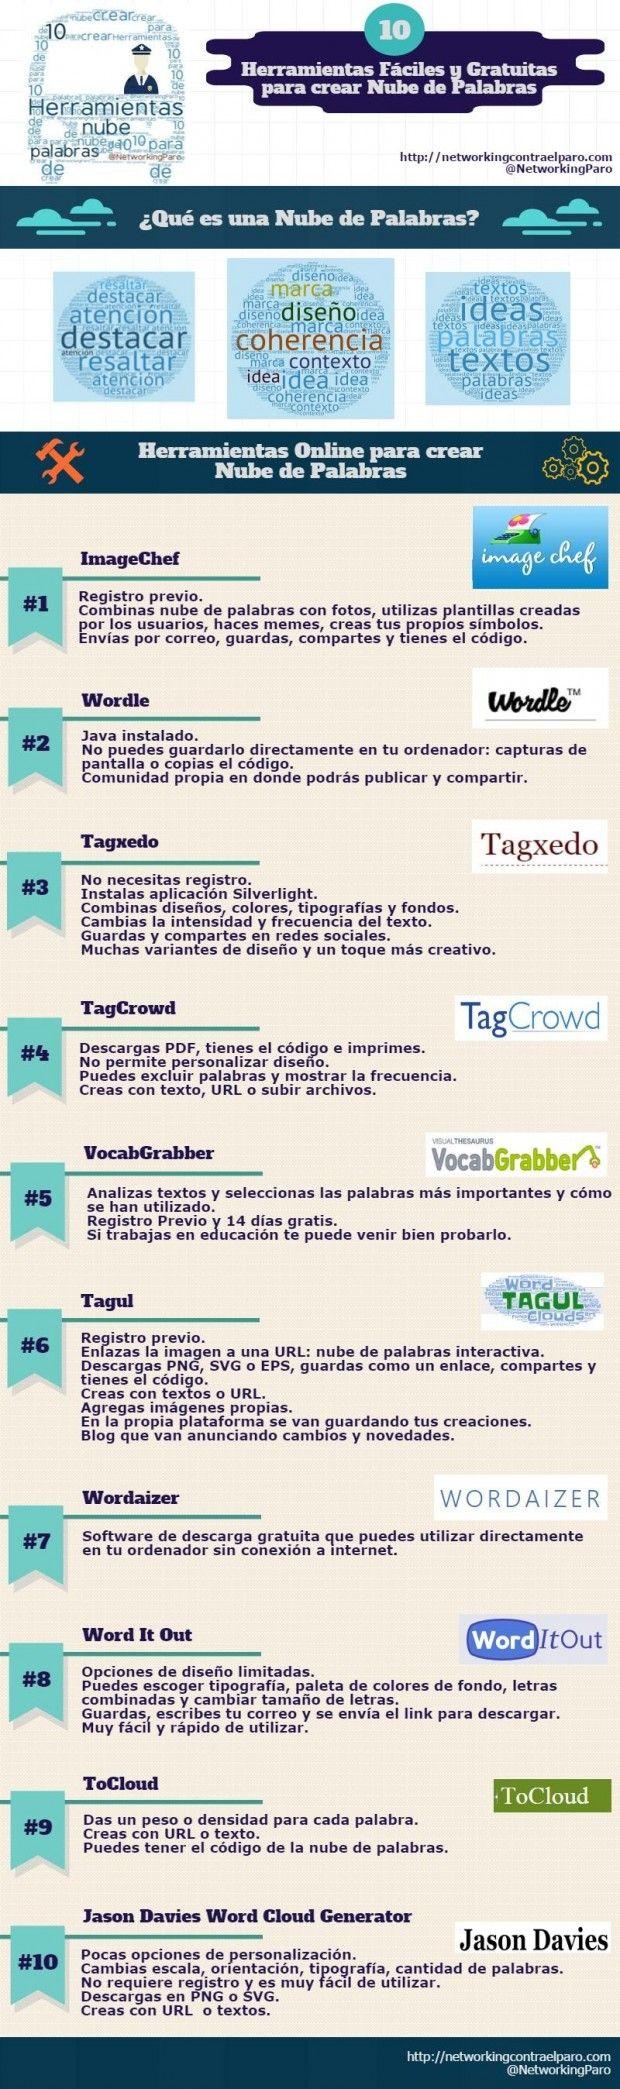 NubePalabrasFundamentos10HerramientasGratuitasConstruirlas-Artículo-BlogGesvin